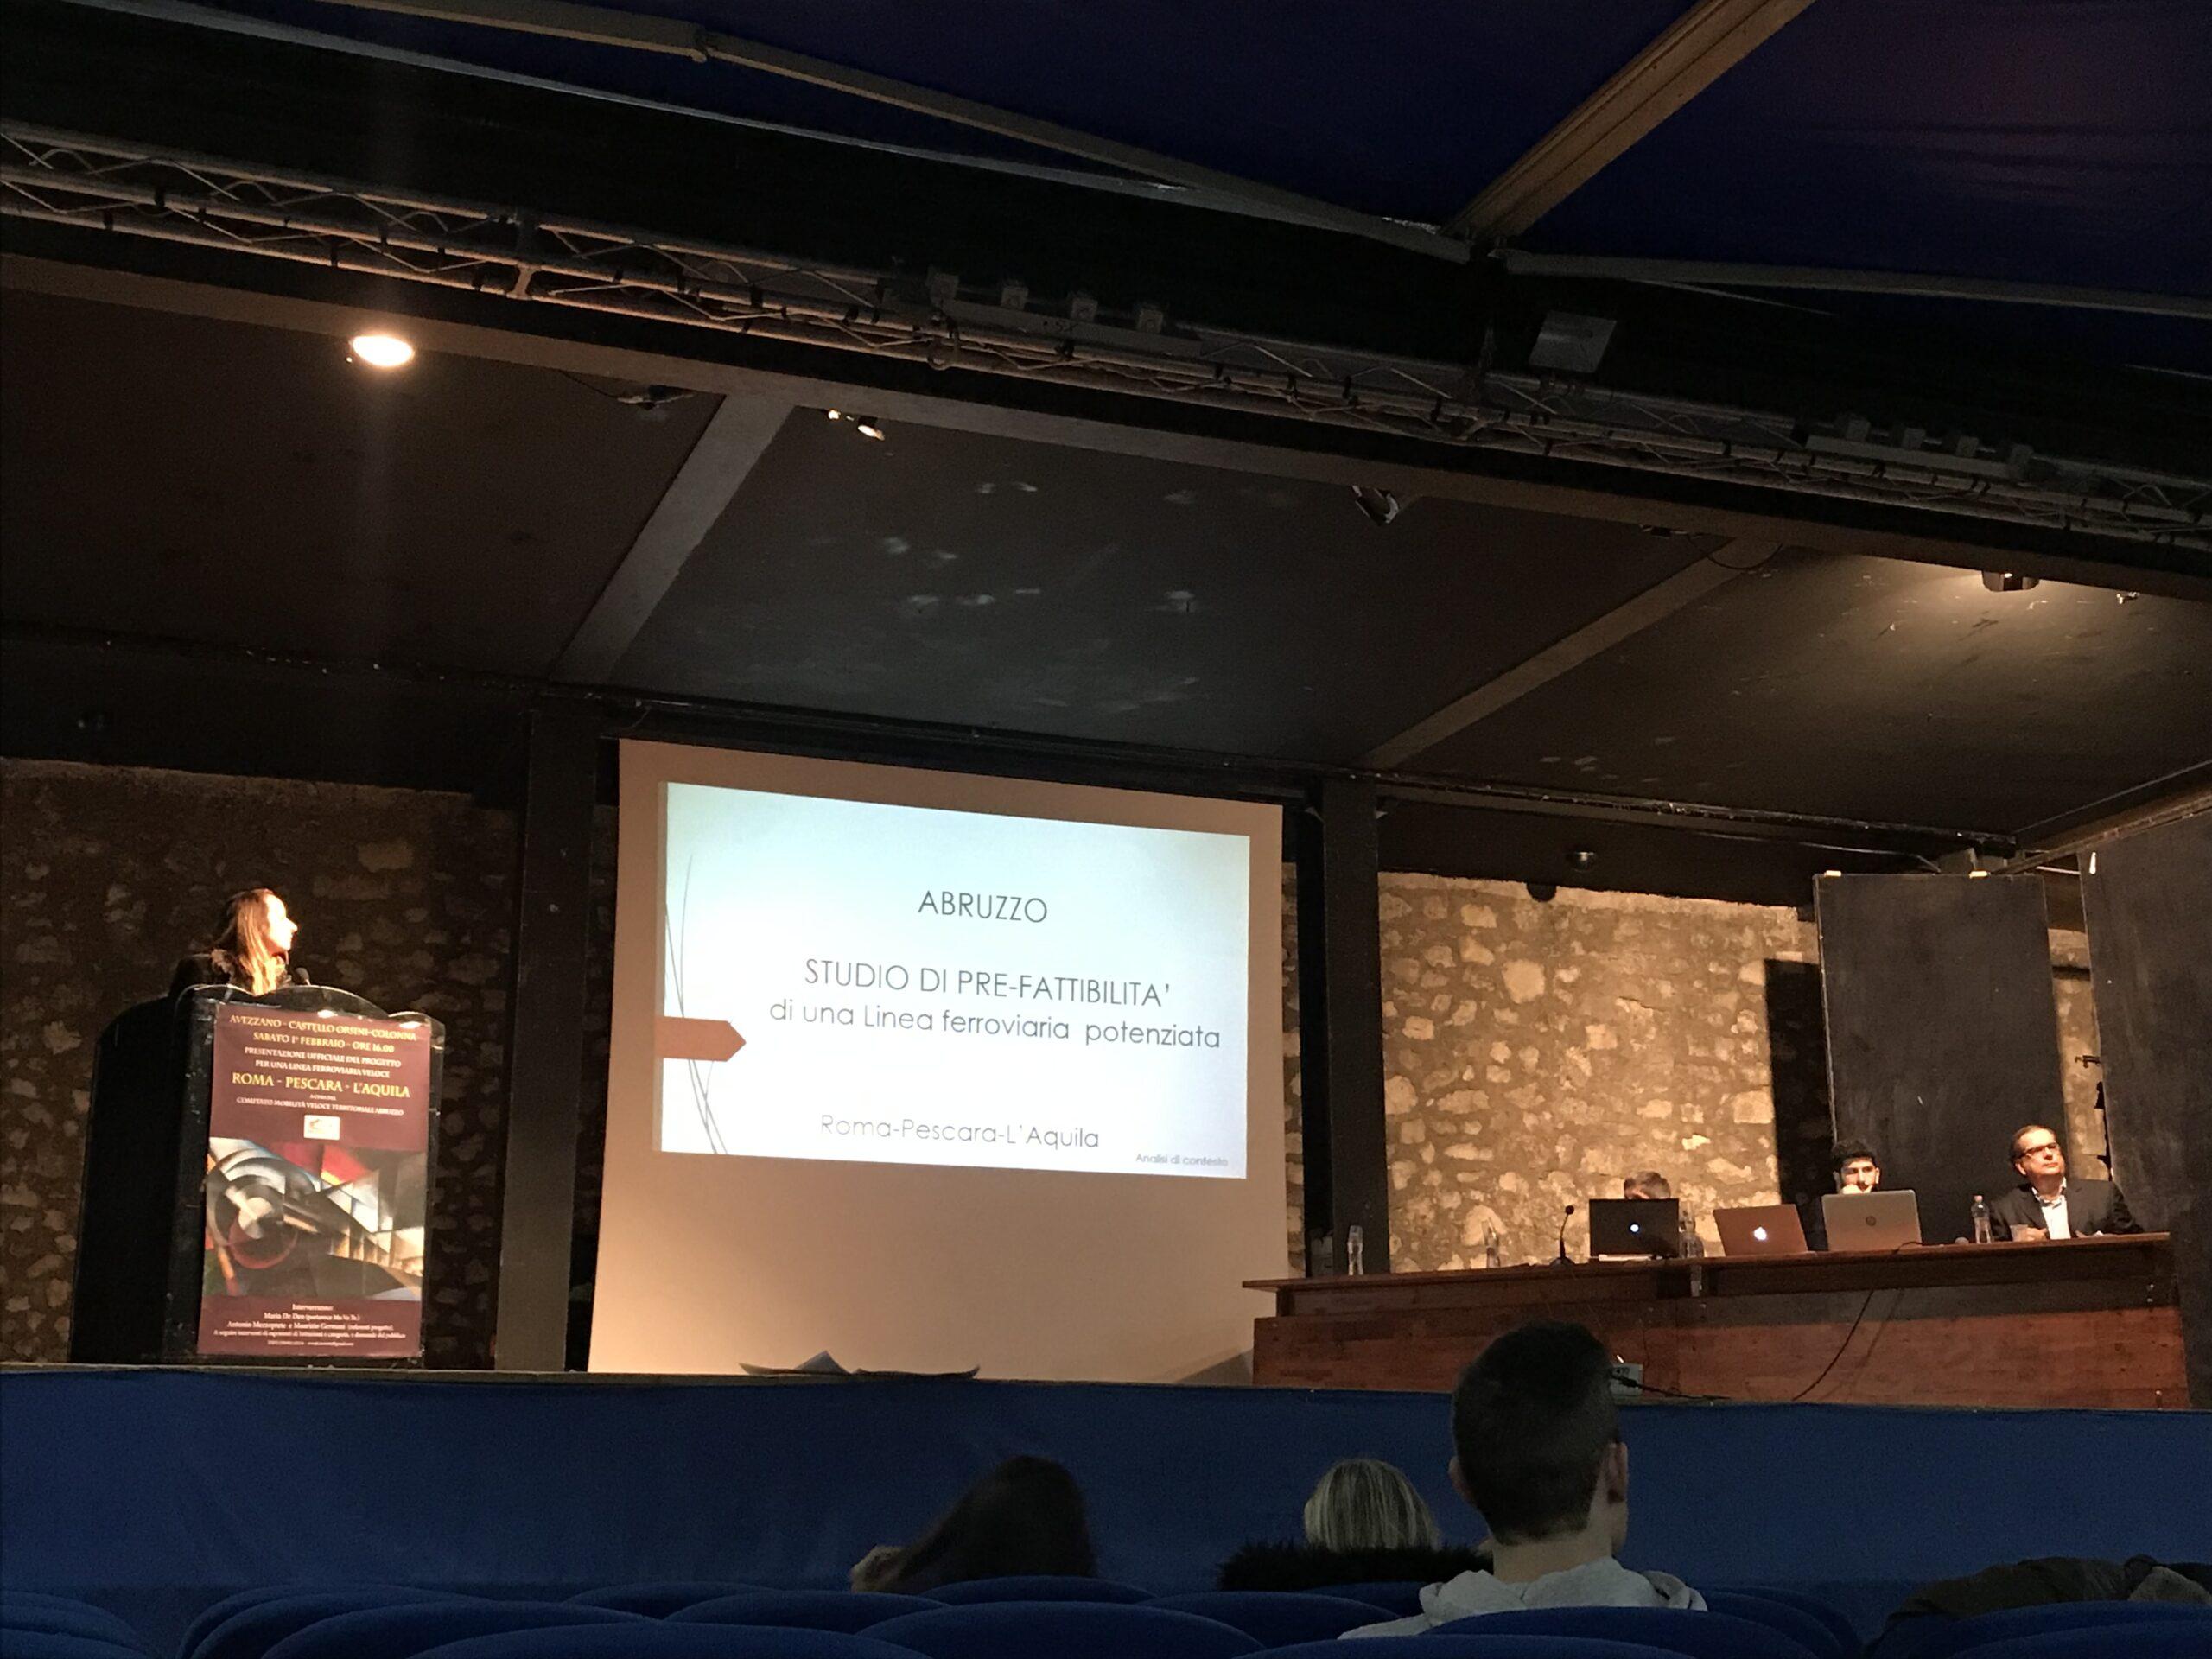 Il Comitato per la mobilità veloce territoriale Abruzzo presenta ad Avezzano il progetto per una linea ferroviaria veloce